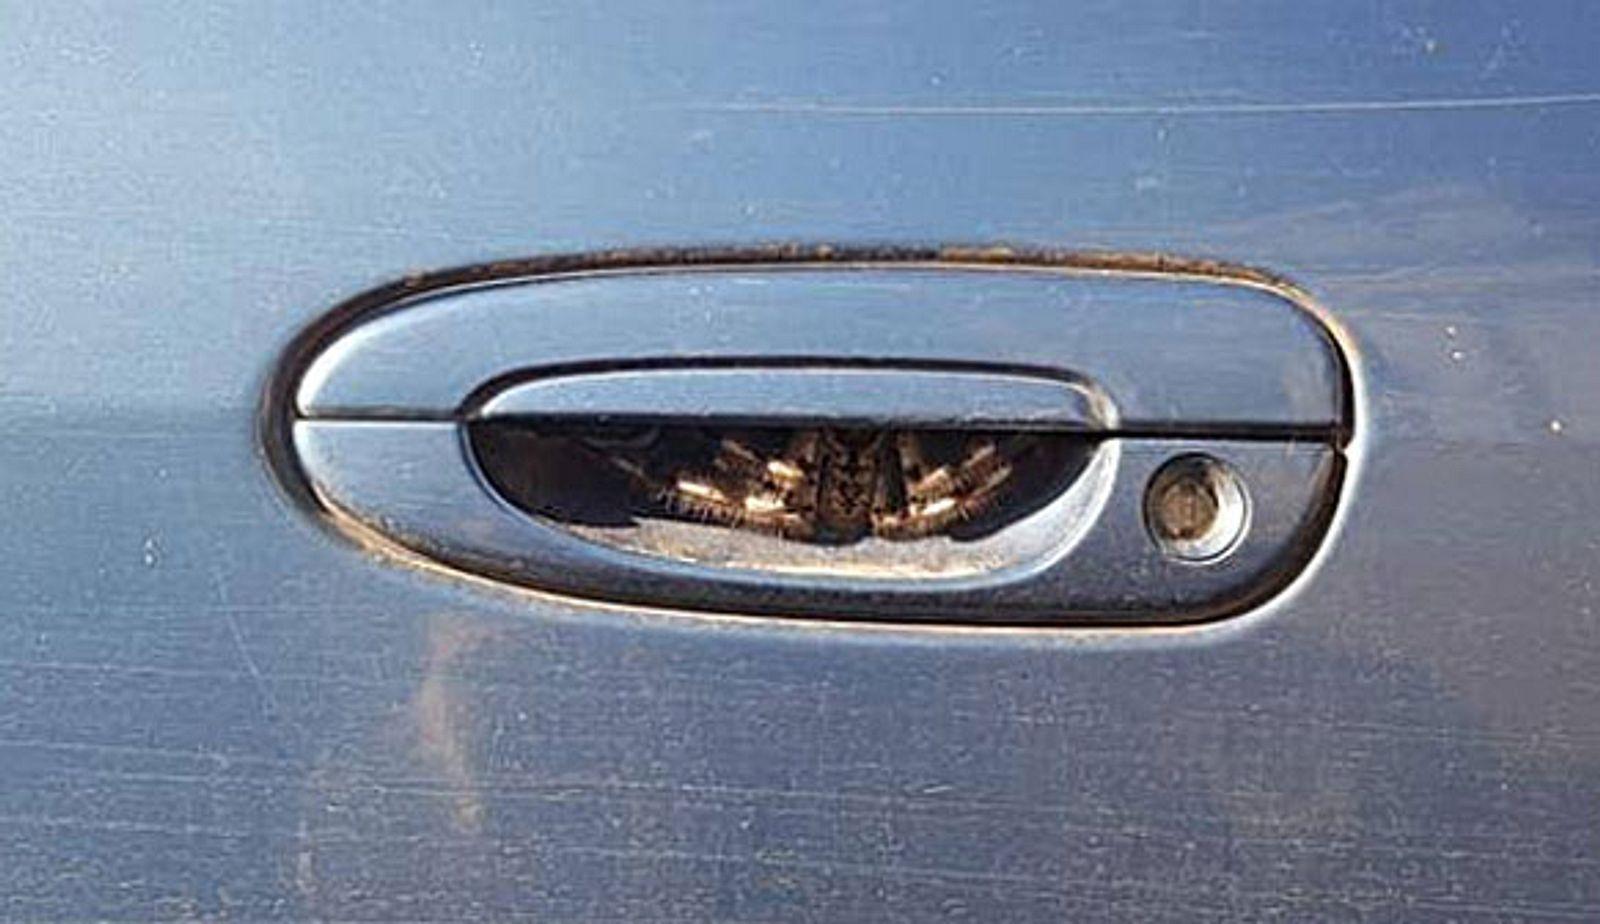 Ahnungslose Frau will in ihr Auto steigen - dann entdeckt sie das ...